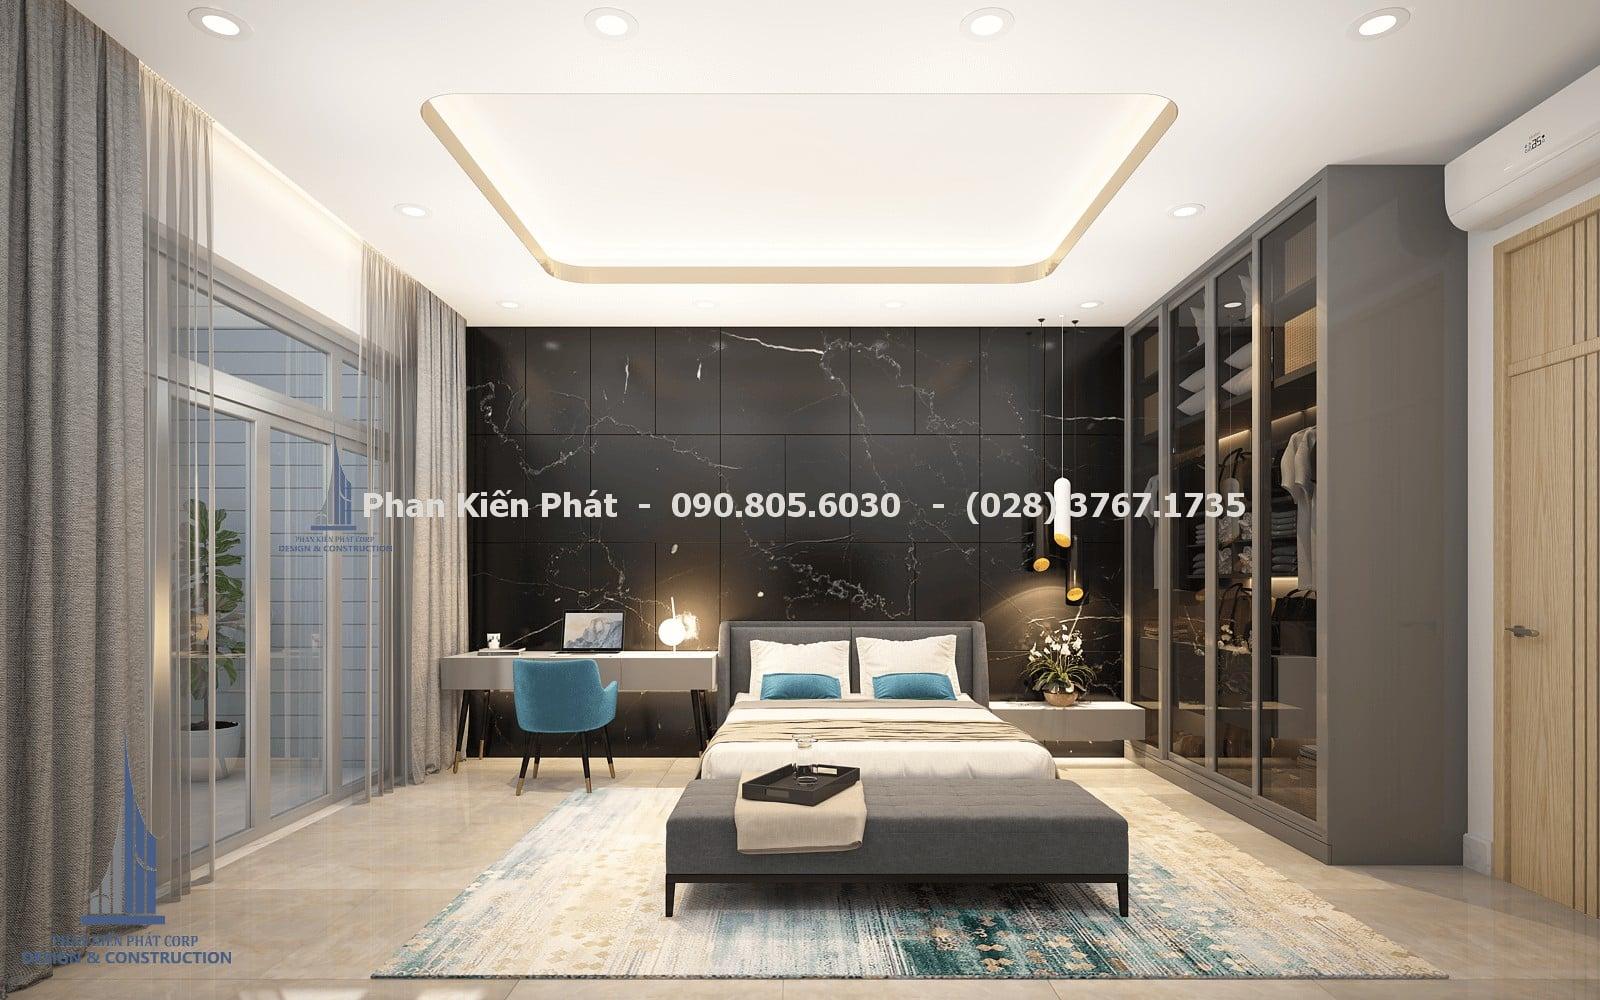 Thiết kế phòng ngủ nam 2 đẹp với mẫu biệt thự phố 5 tầng góc 1